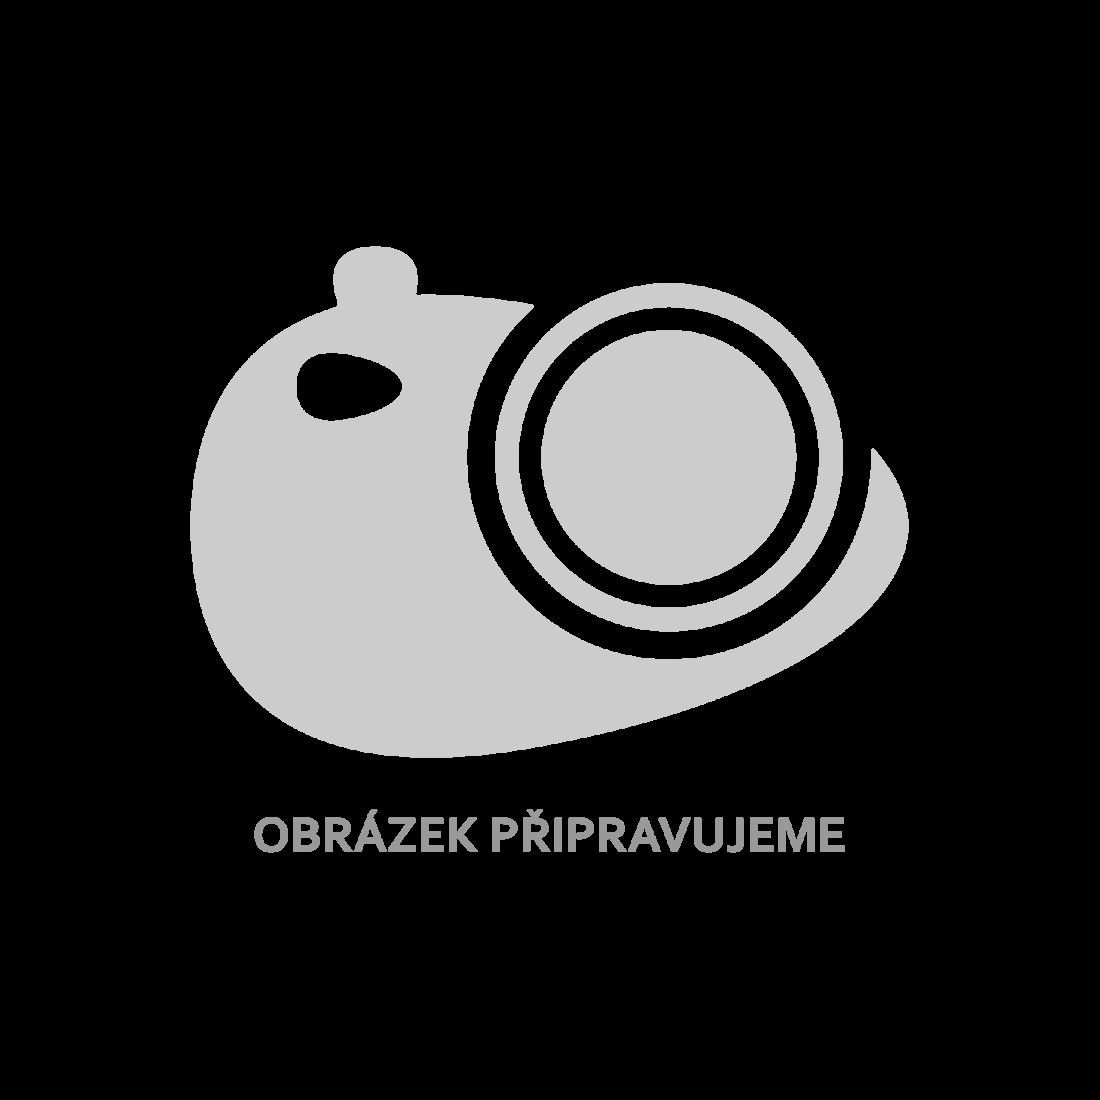 Zahradní lavička Antik, design kosočtverce